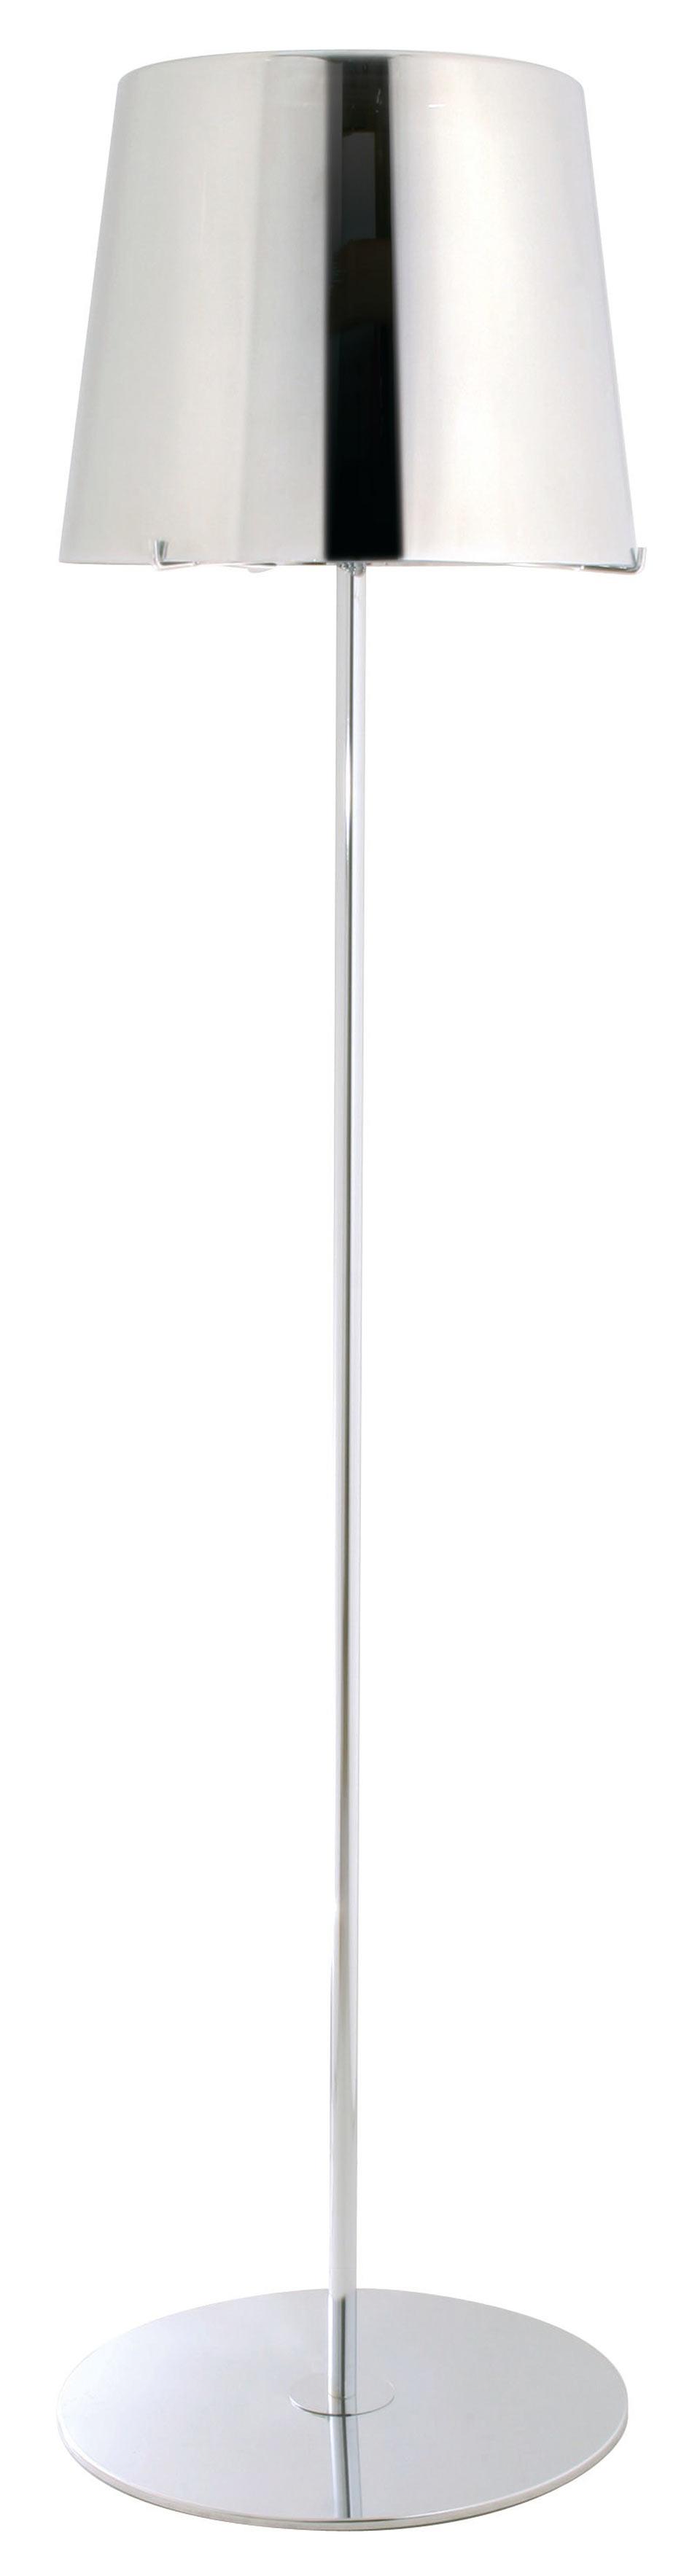 Single lampadaire chromé avec verrerie métallisée. Concept Verre.